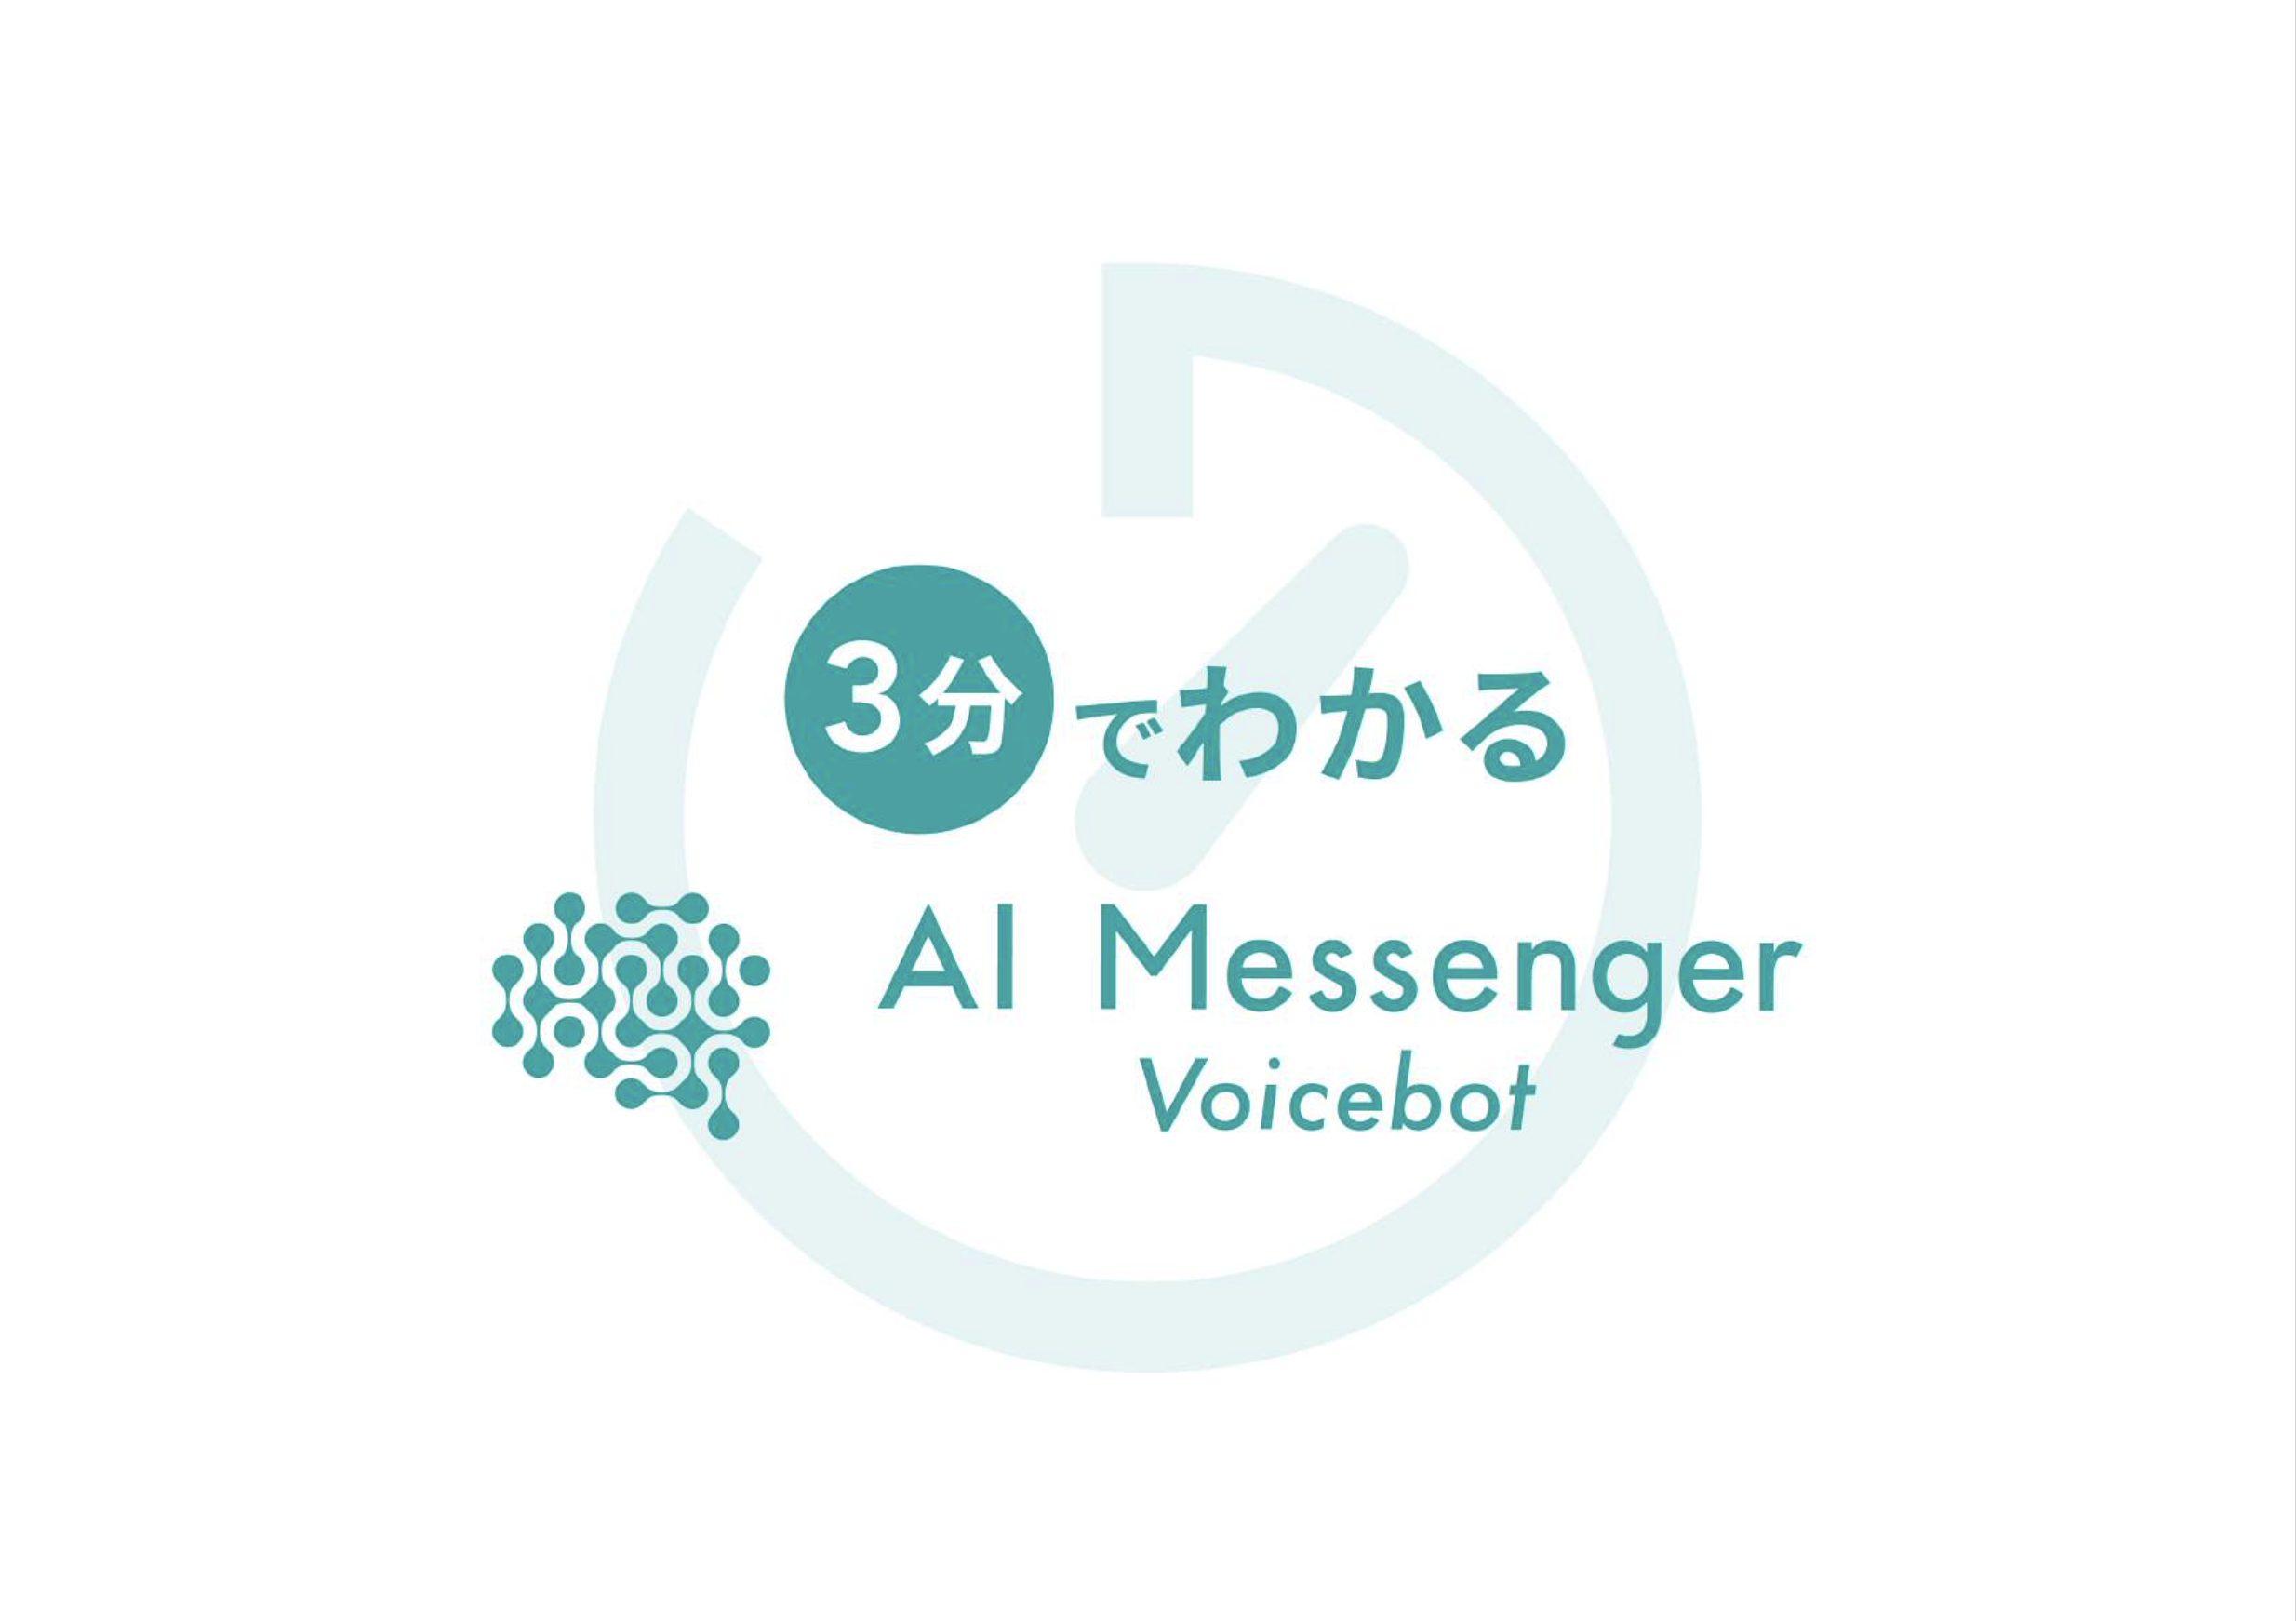 3分で分かるAI Messenger Voicebot